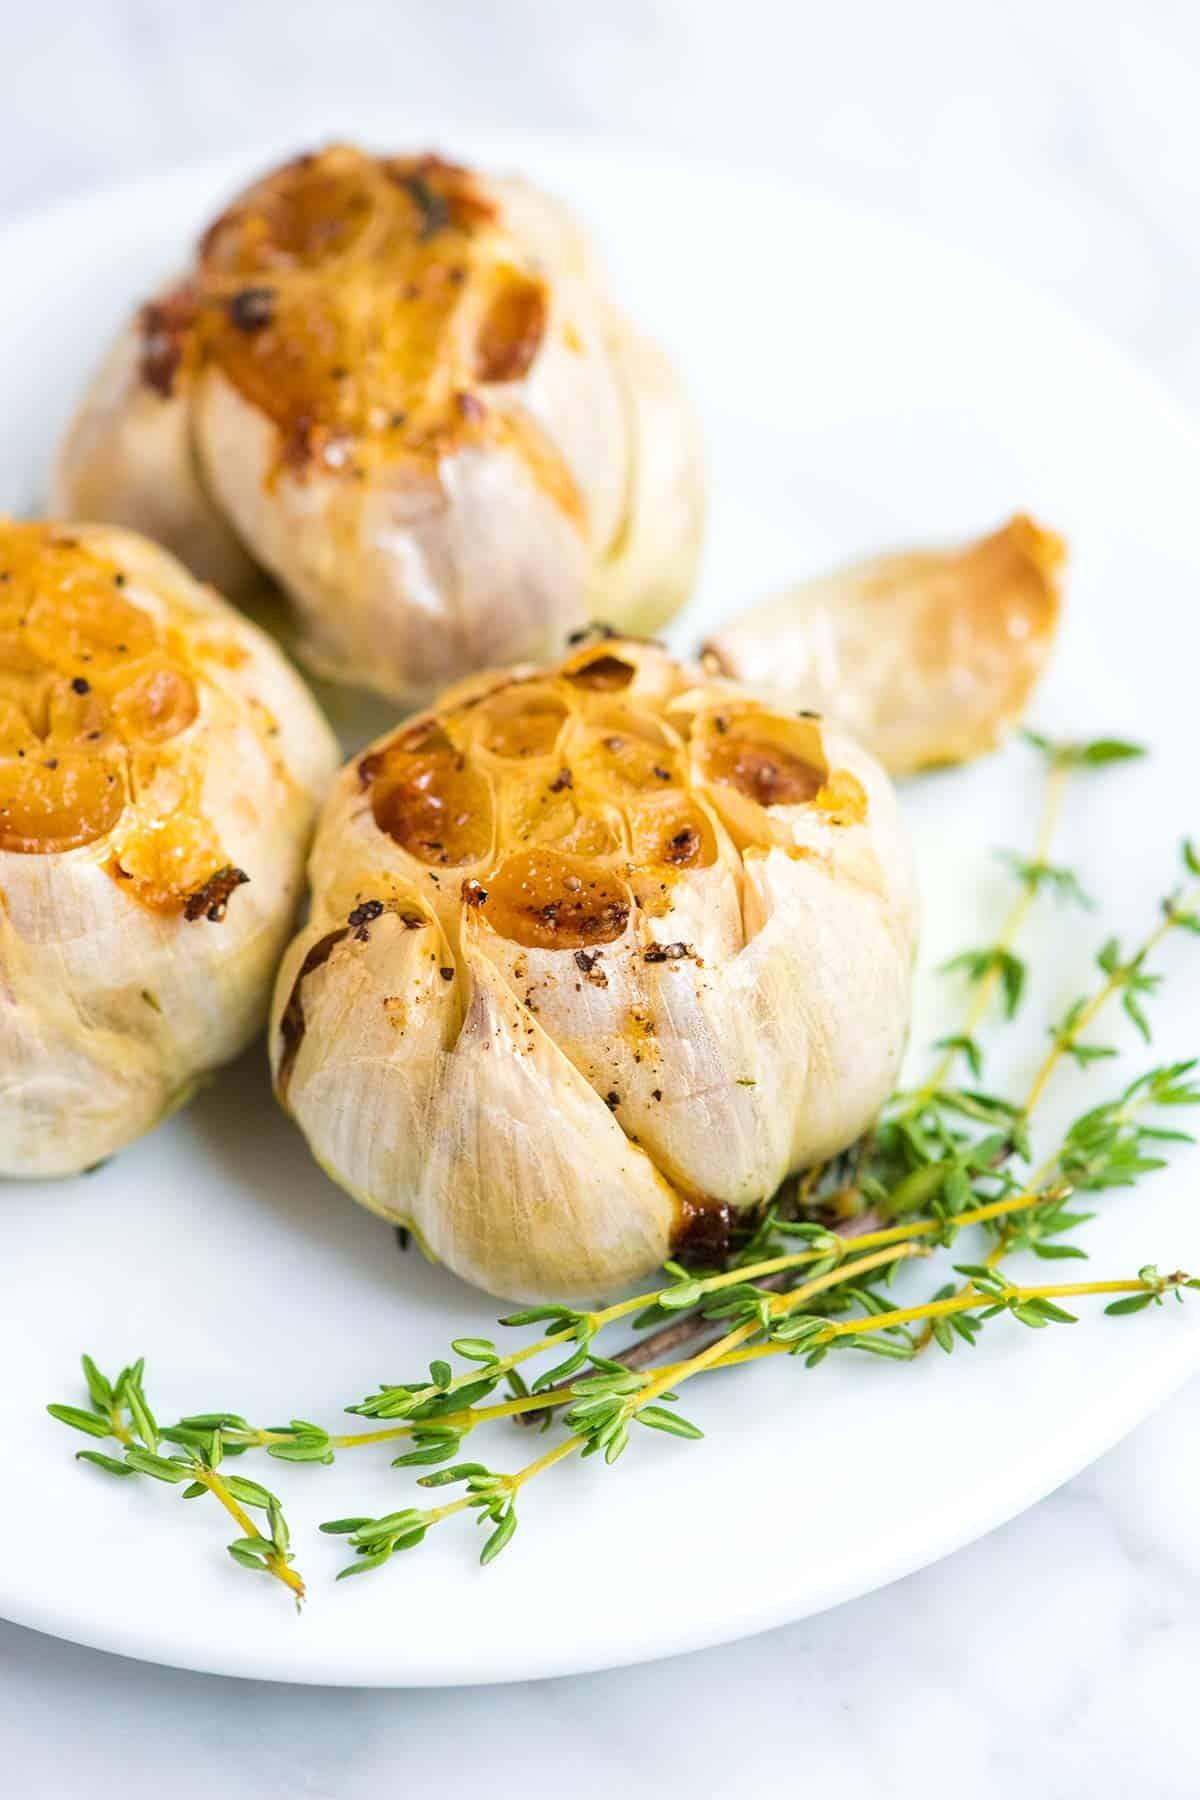 How to Easily Roast Garlic in the Oven | Receita em 2020 | Receitas, Alho assado e Assados